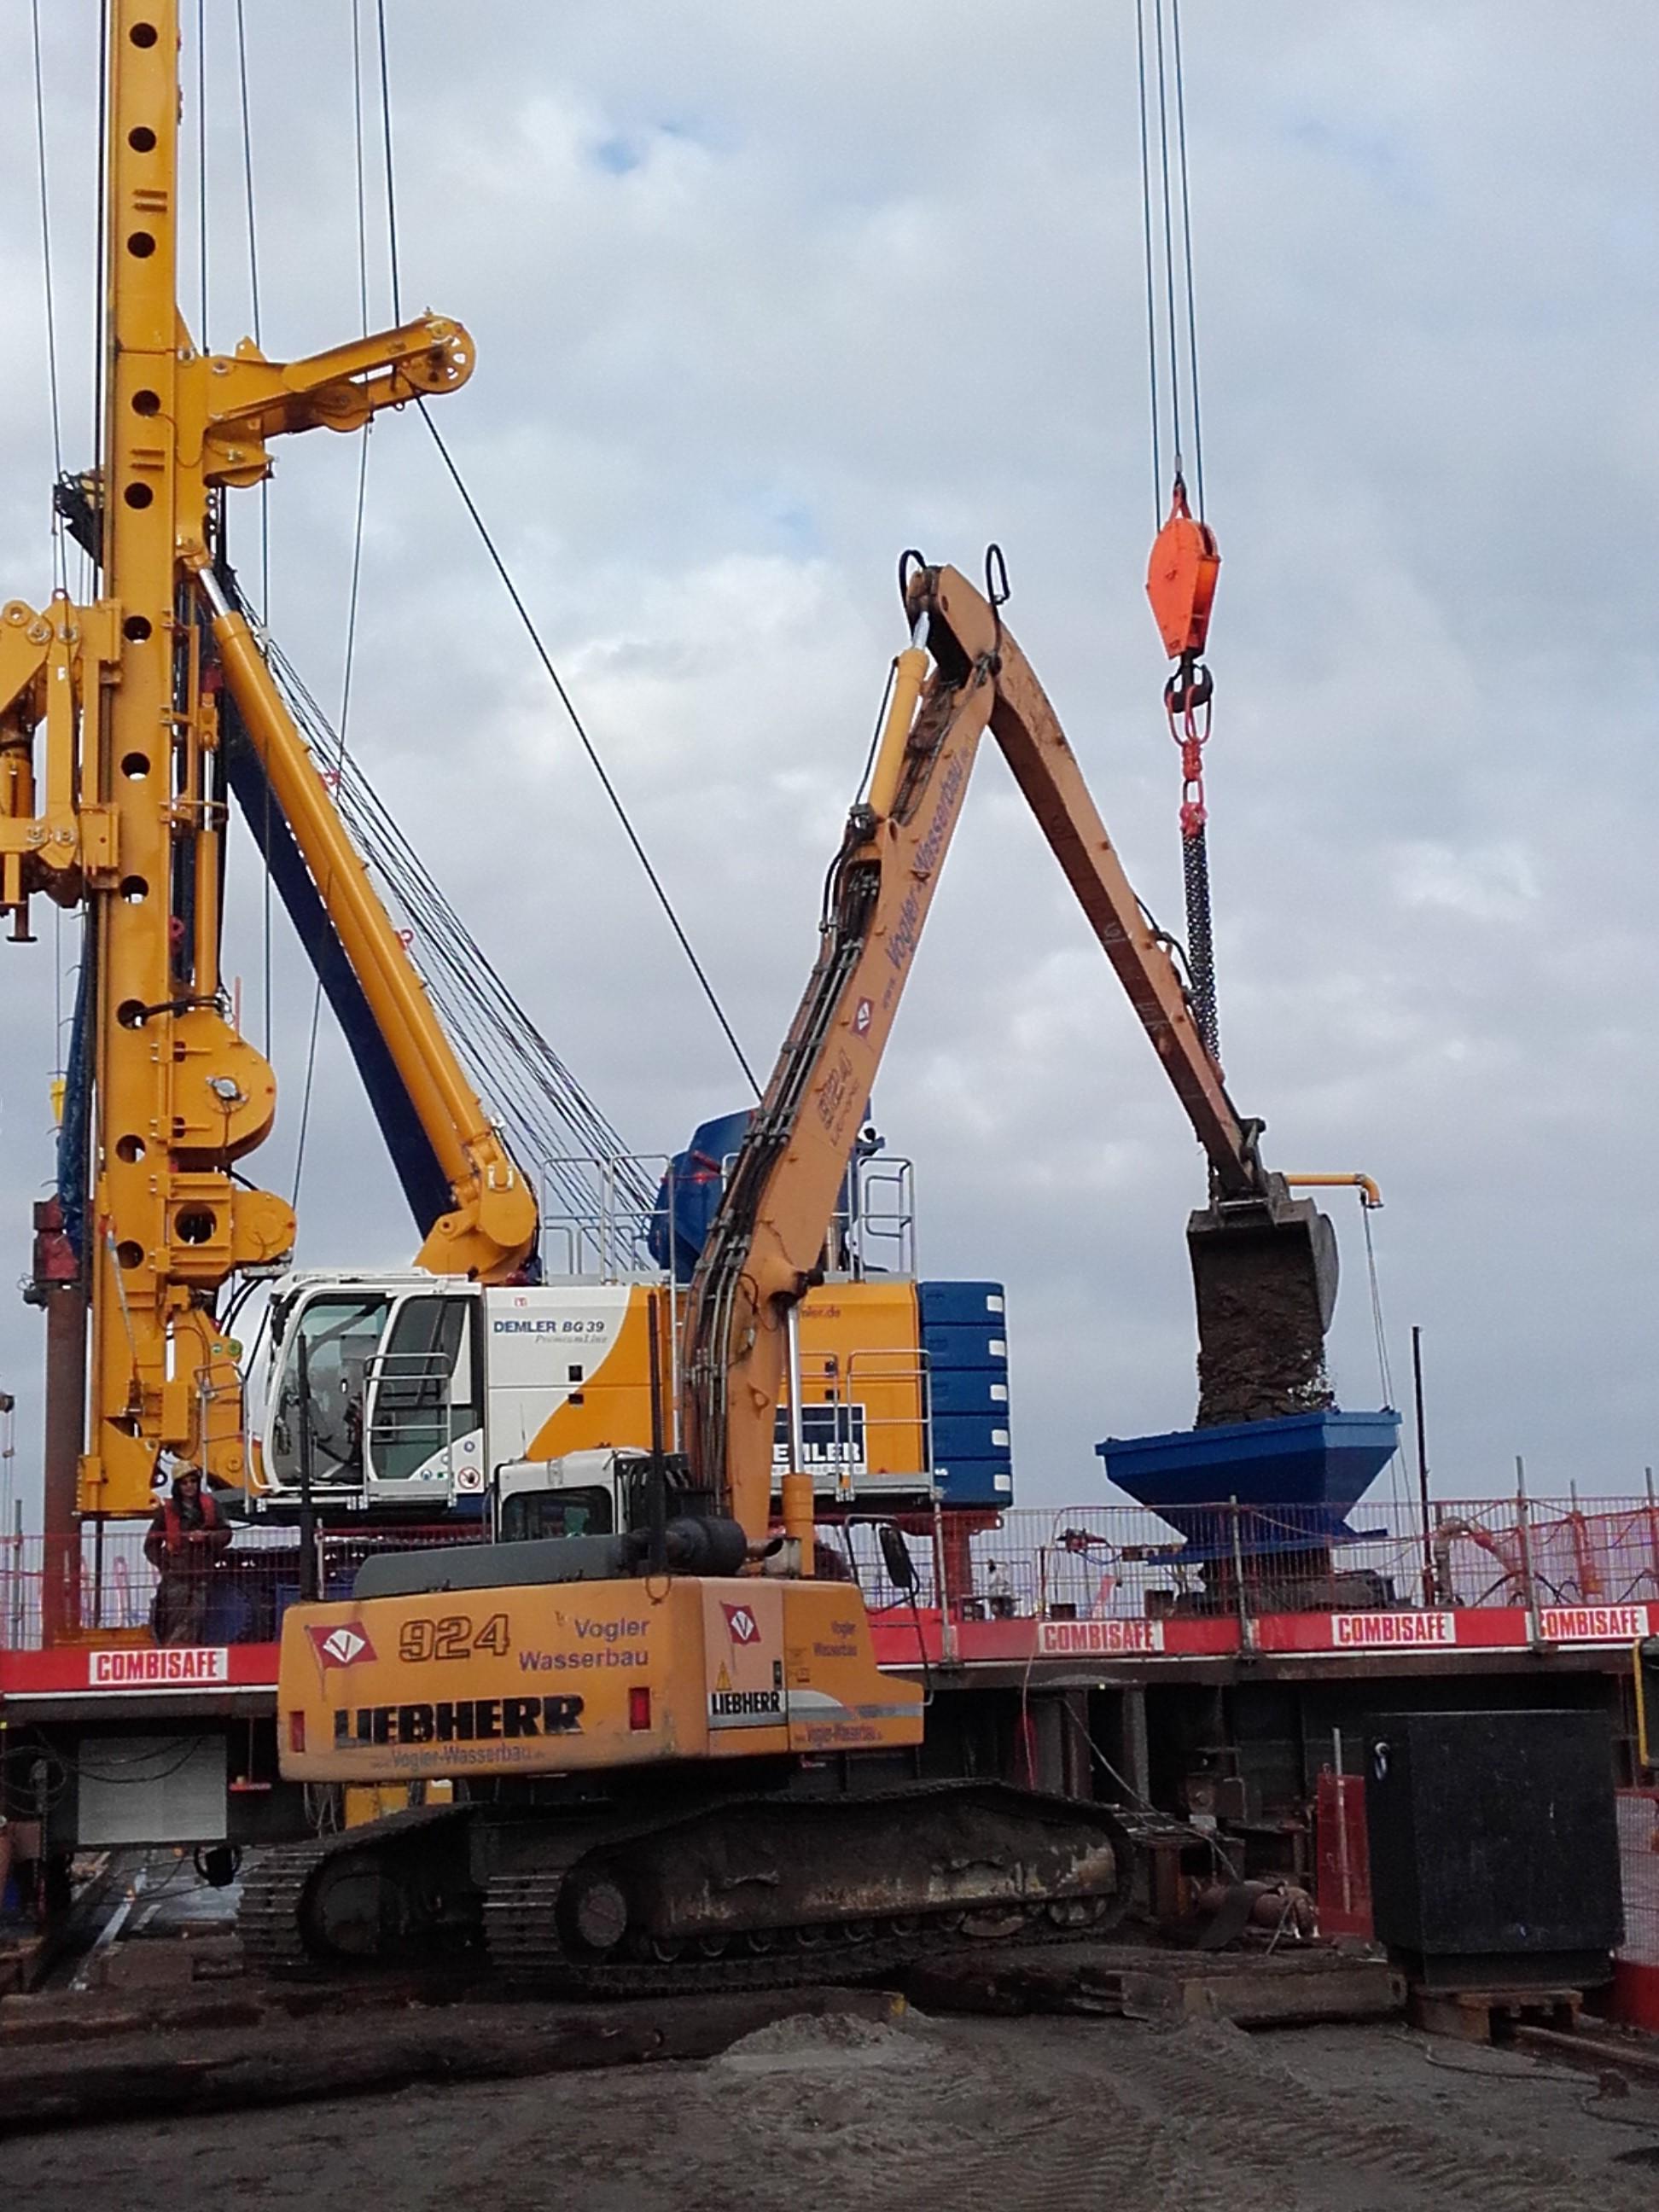 Gewinnung und Einbau von 4400 m³ Sand, 3560 t Kies geliefert und eingebaut, 880 Betriebsstunden des Liebherr Langarm Hydraulikbaggers 924